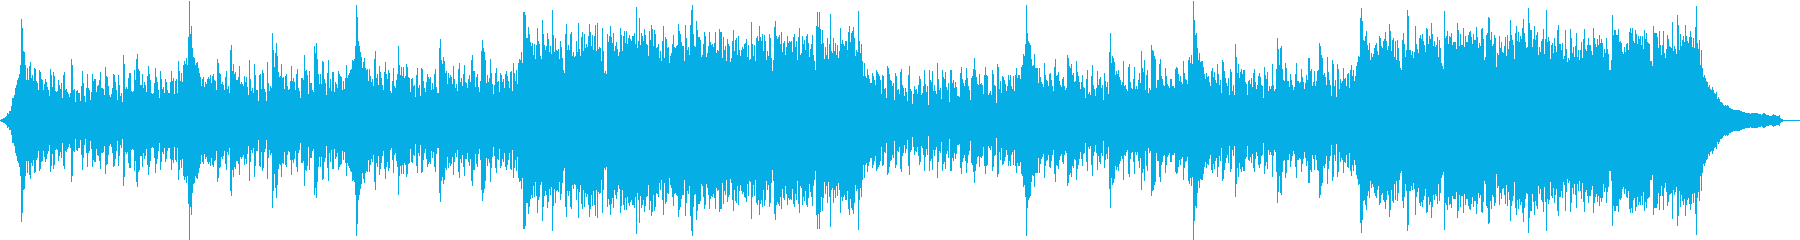 企業VP映像、112オーケストラ、壮大aの再生済みの波形